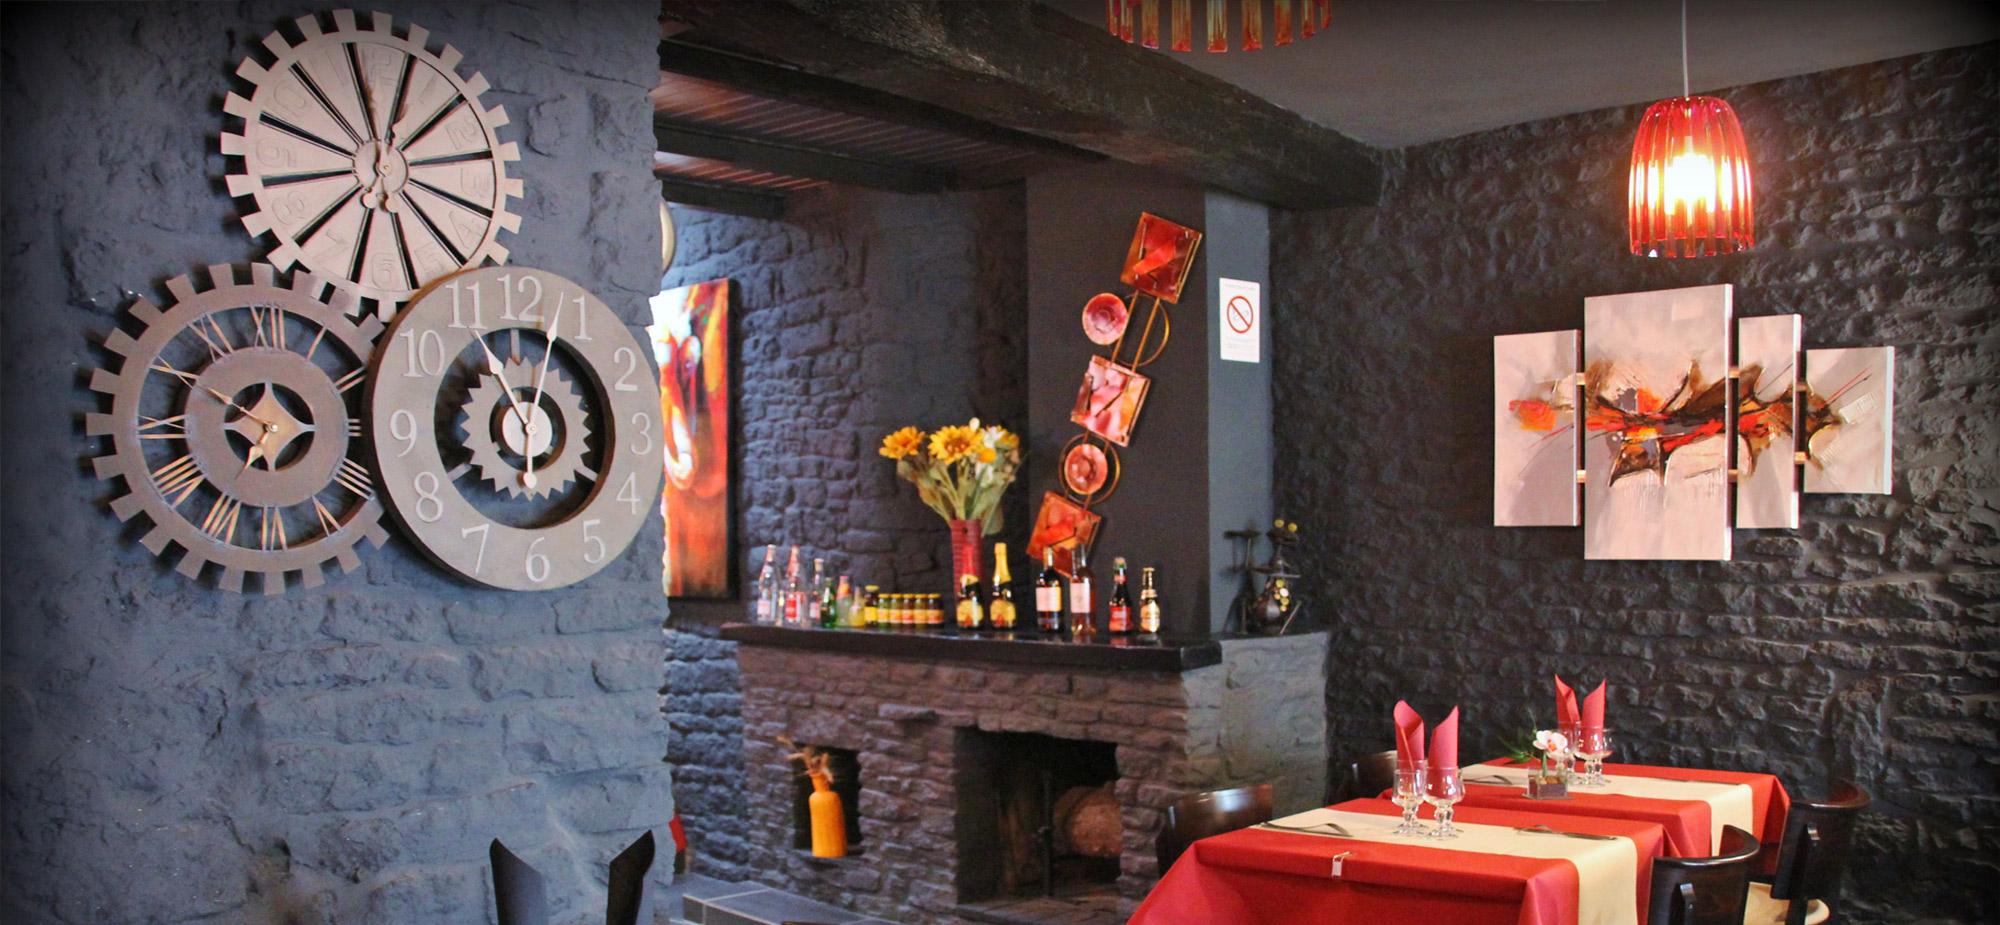 deco-ambiance-salle-restaurant-creperie-fleur-ble-noir-saint-pierre-oleron-17310